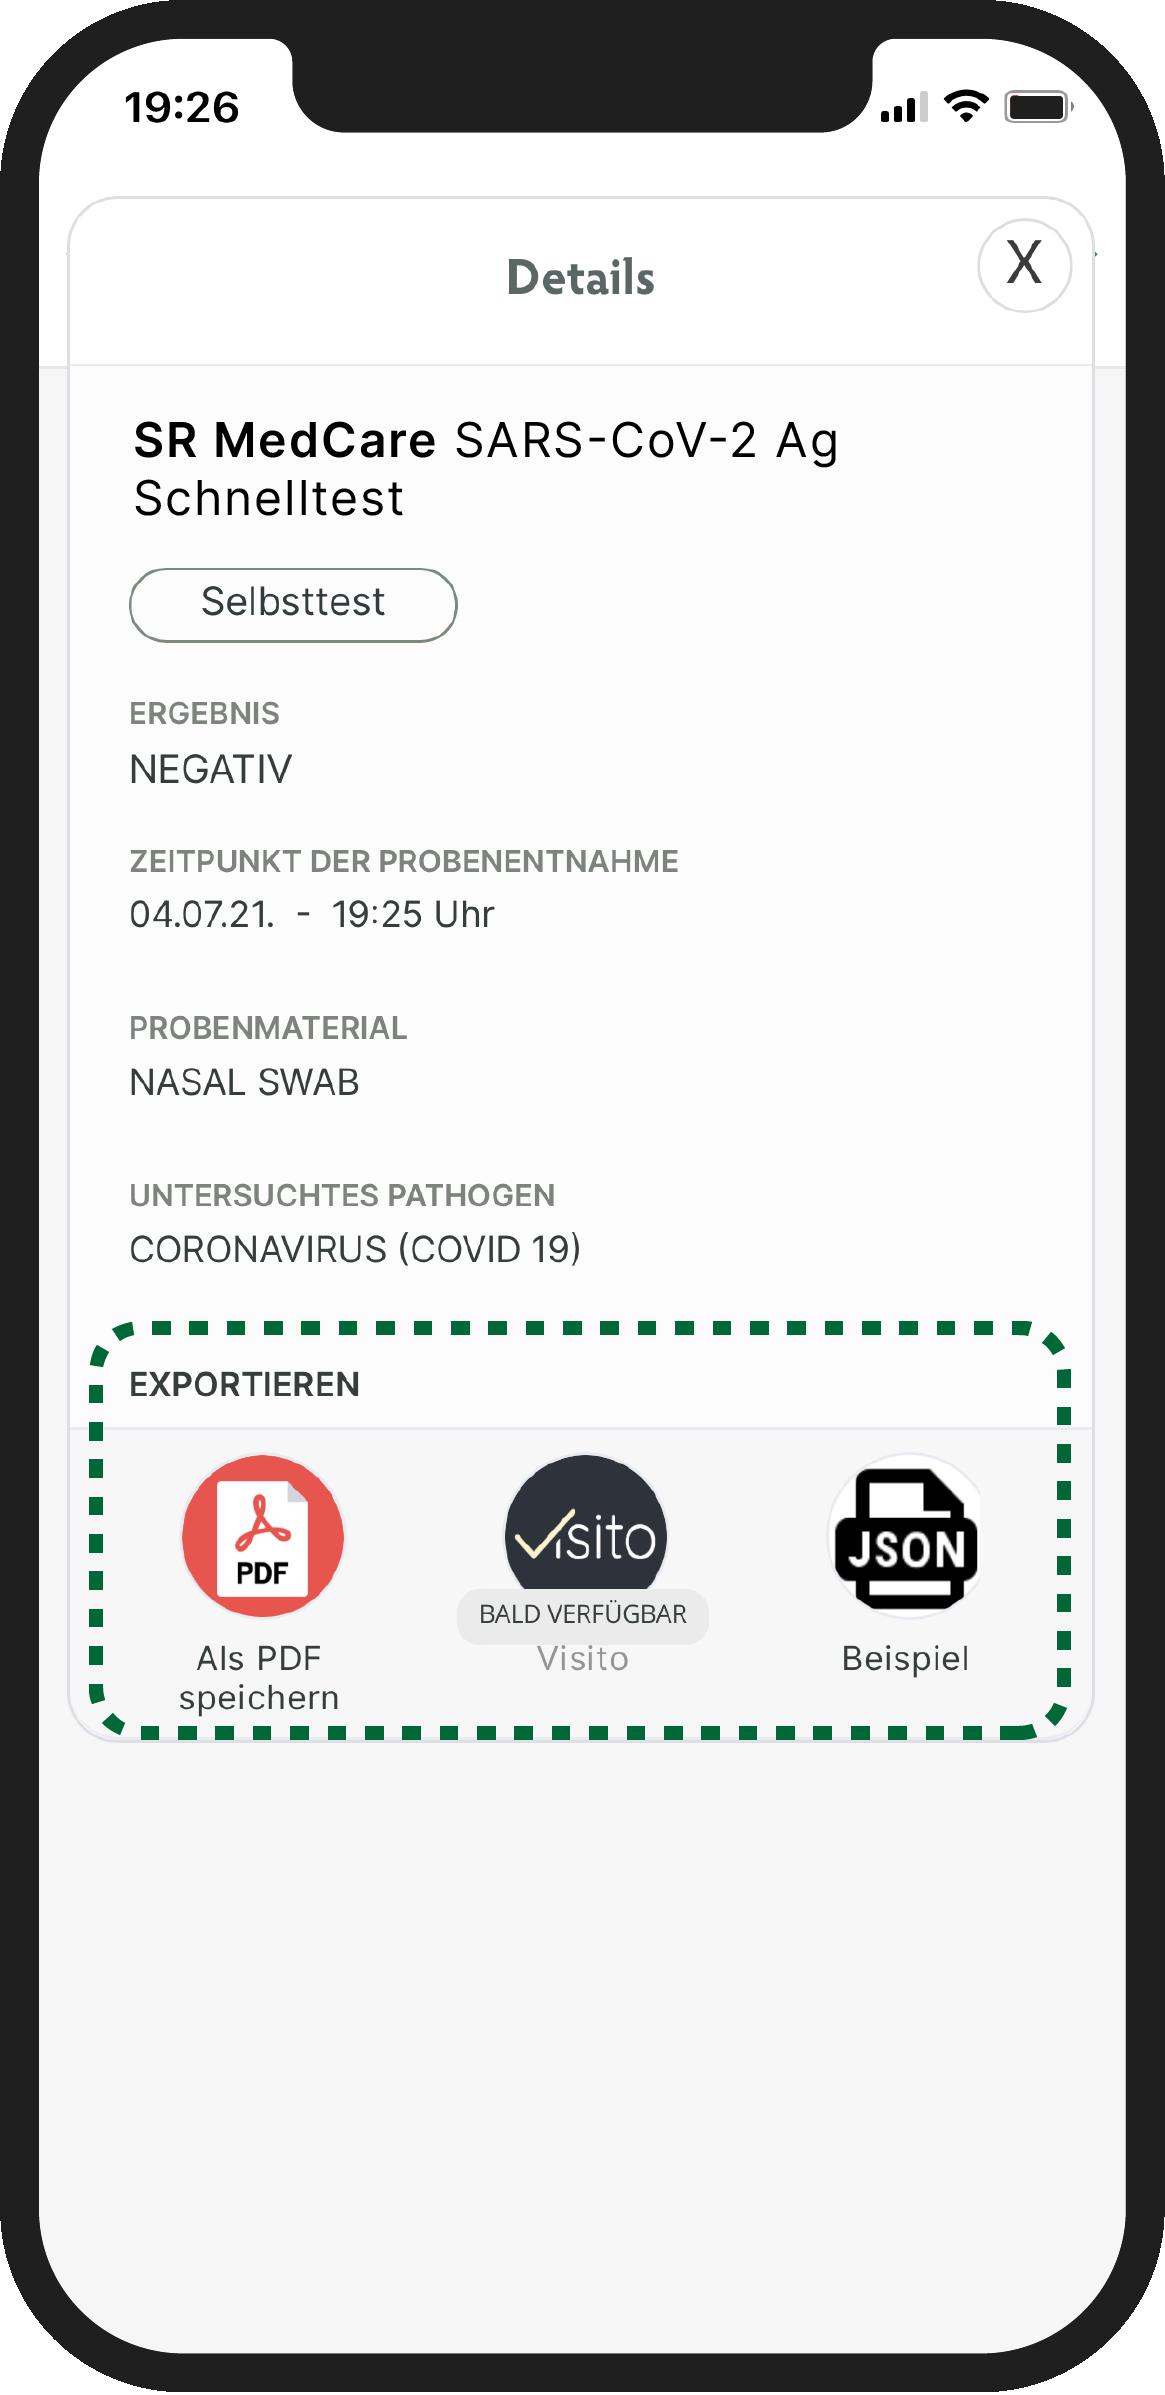 Wählen Sie ein App-Icon, um Ihr Ergebnis in eine andere App zu übertragen.